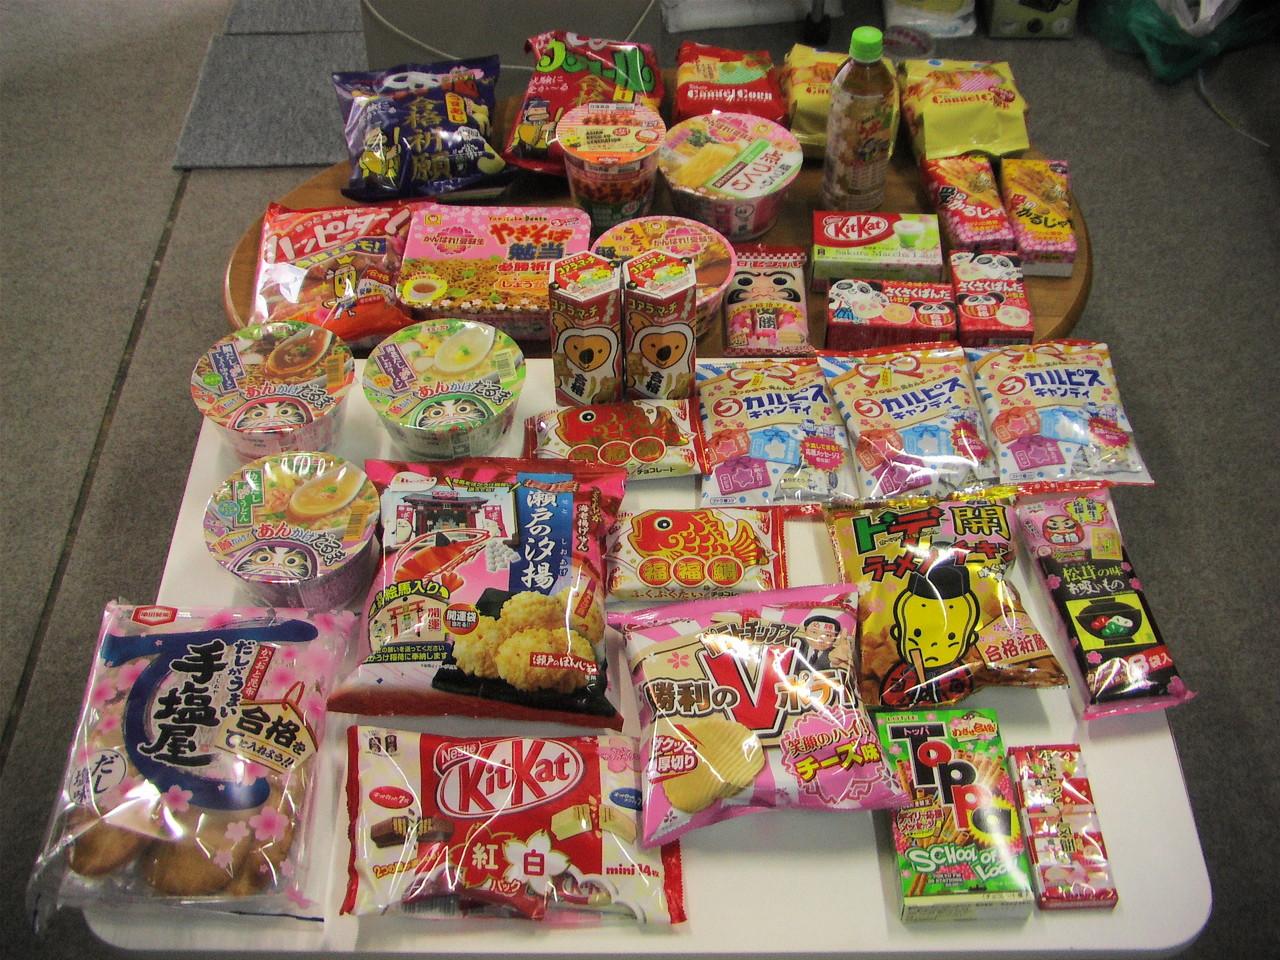 毎年、合格祈願のお菓子を買っています。みんなガンバレ~